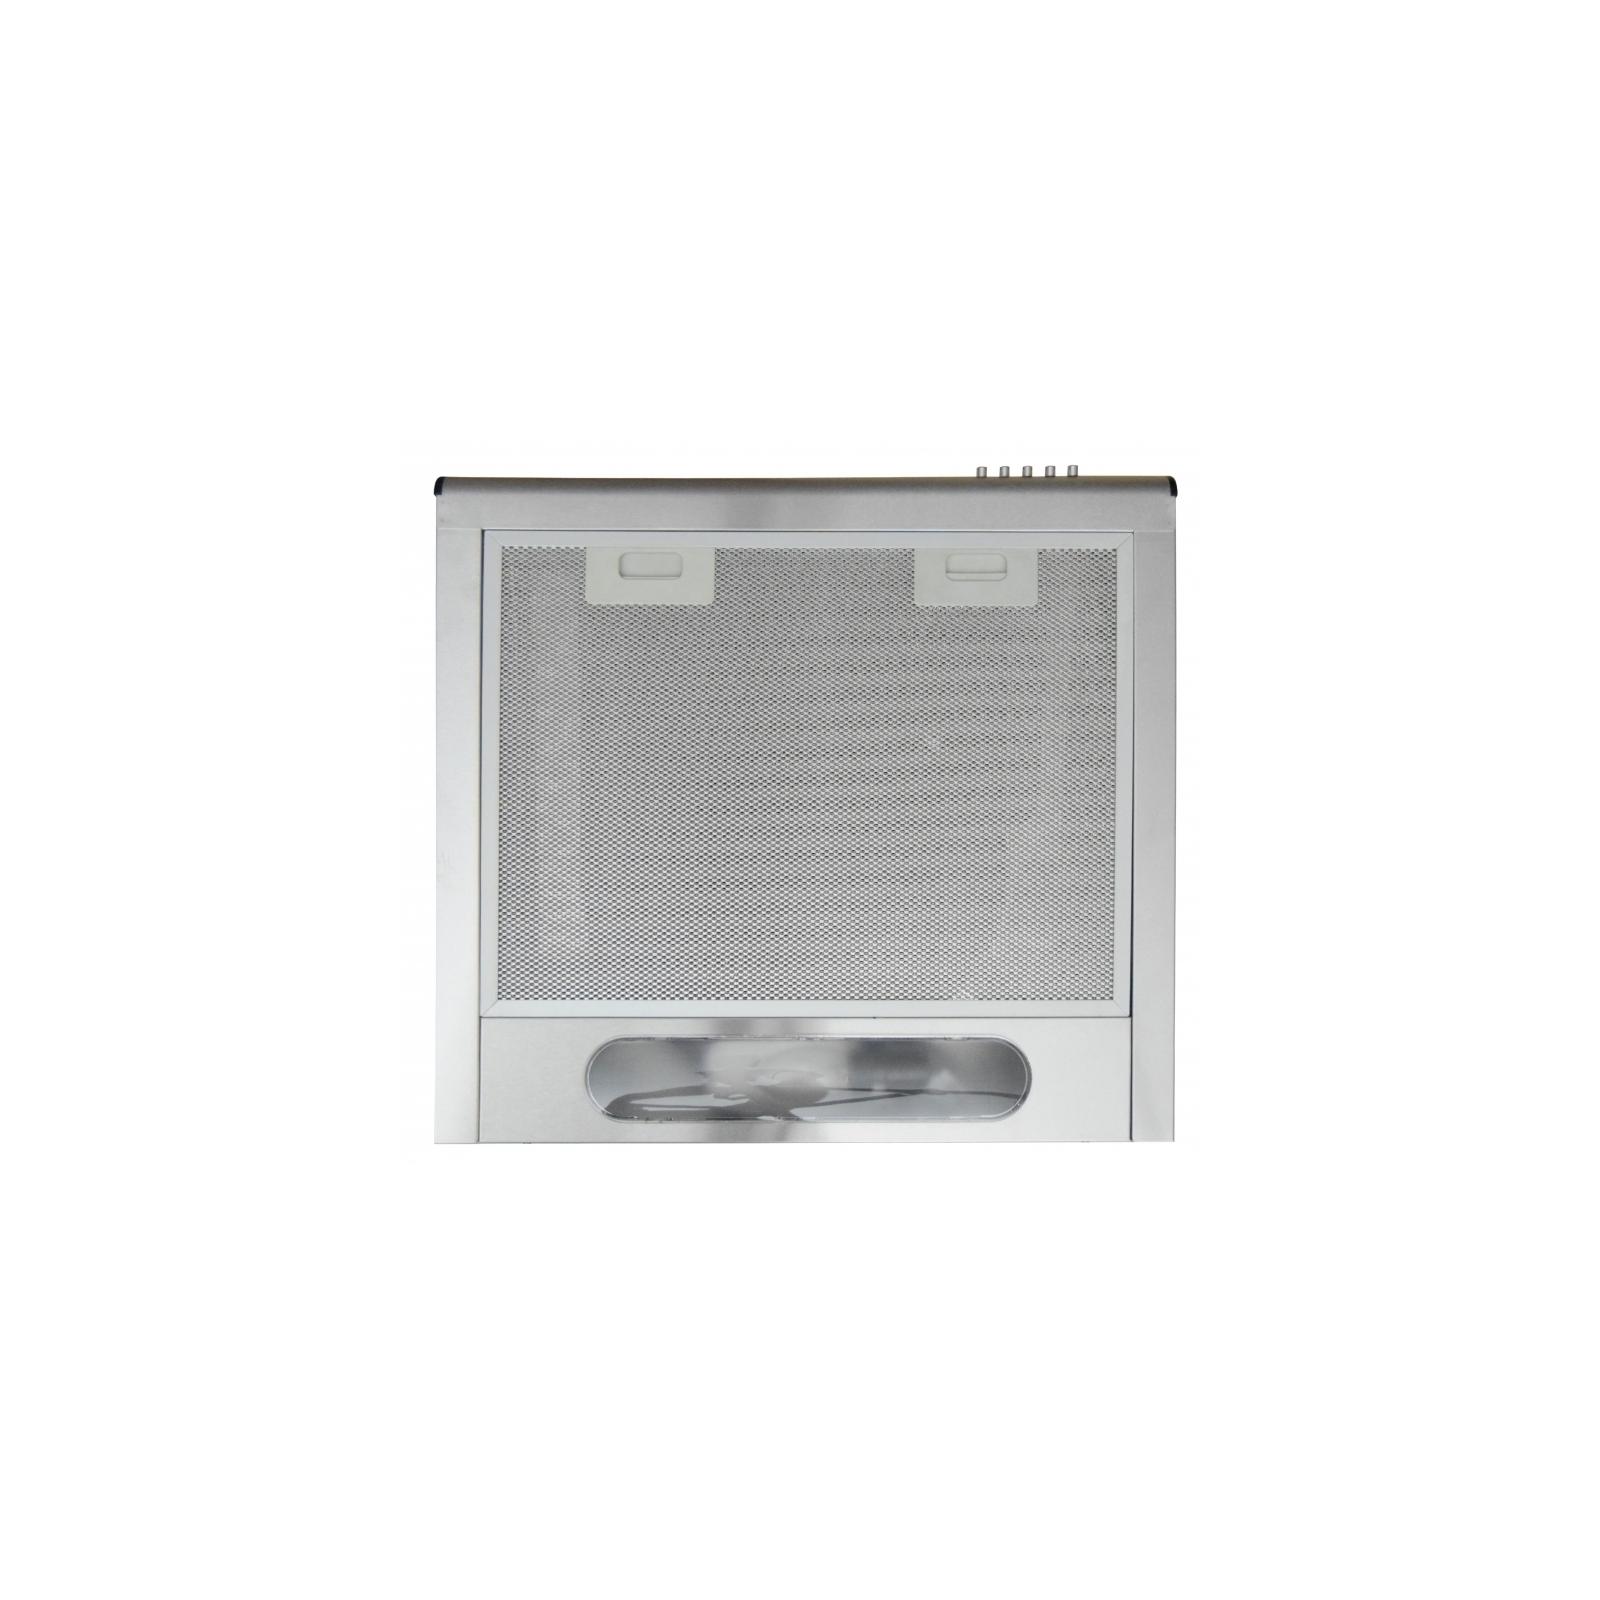 Вытяжка кухонная ELEYUS Line I 60 IS изображение 4